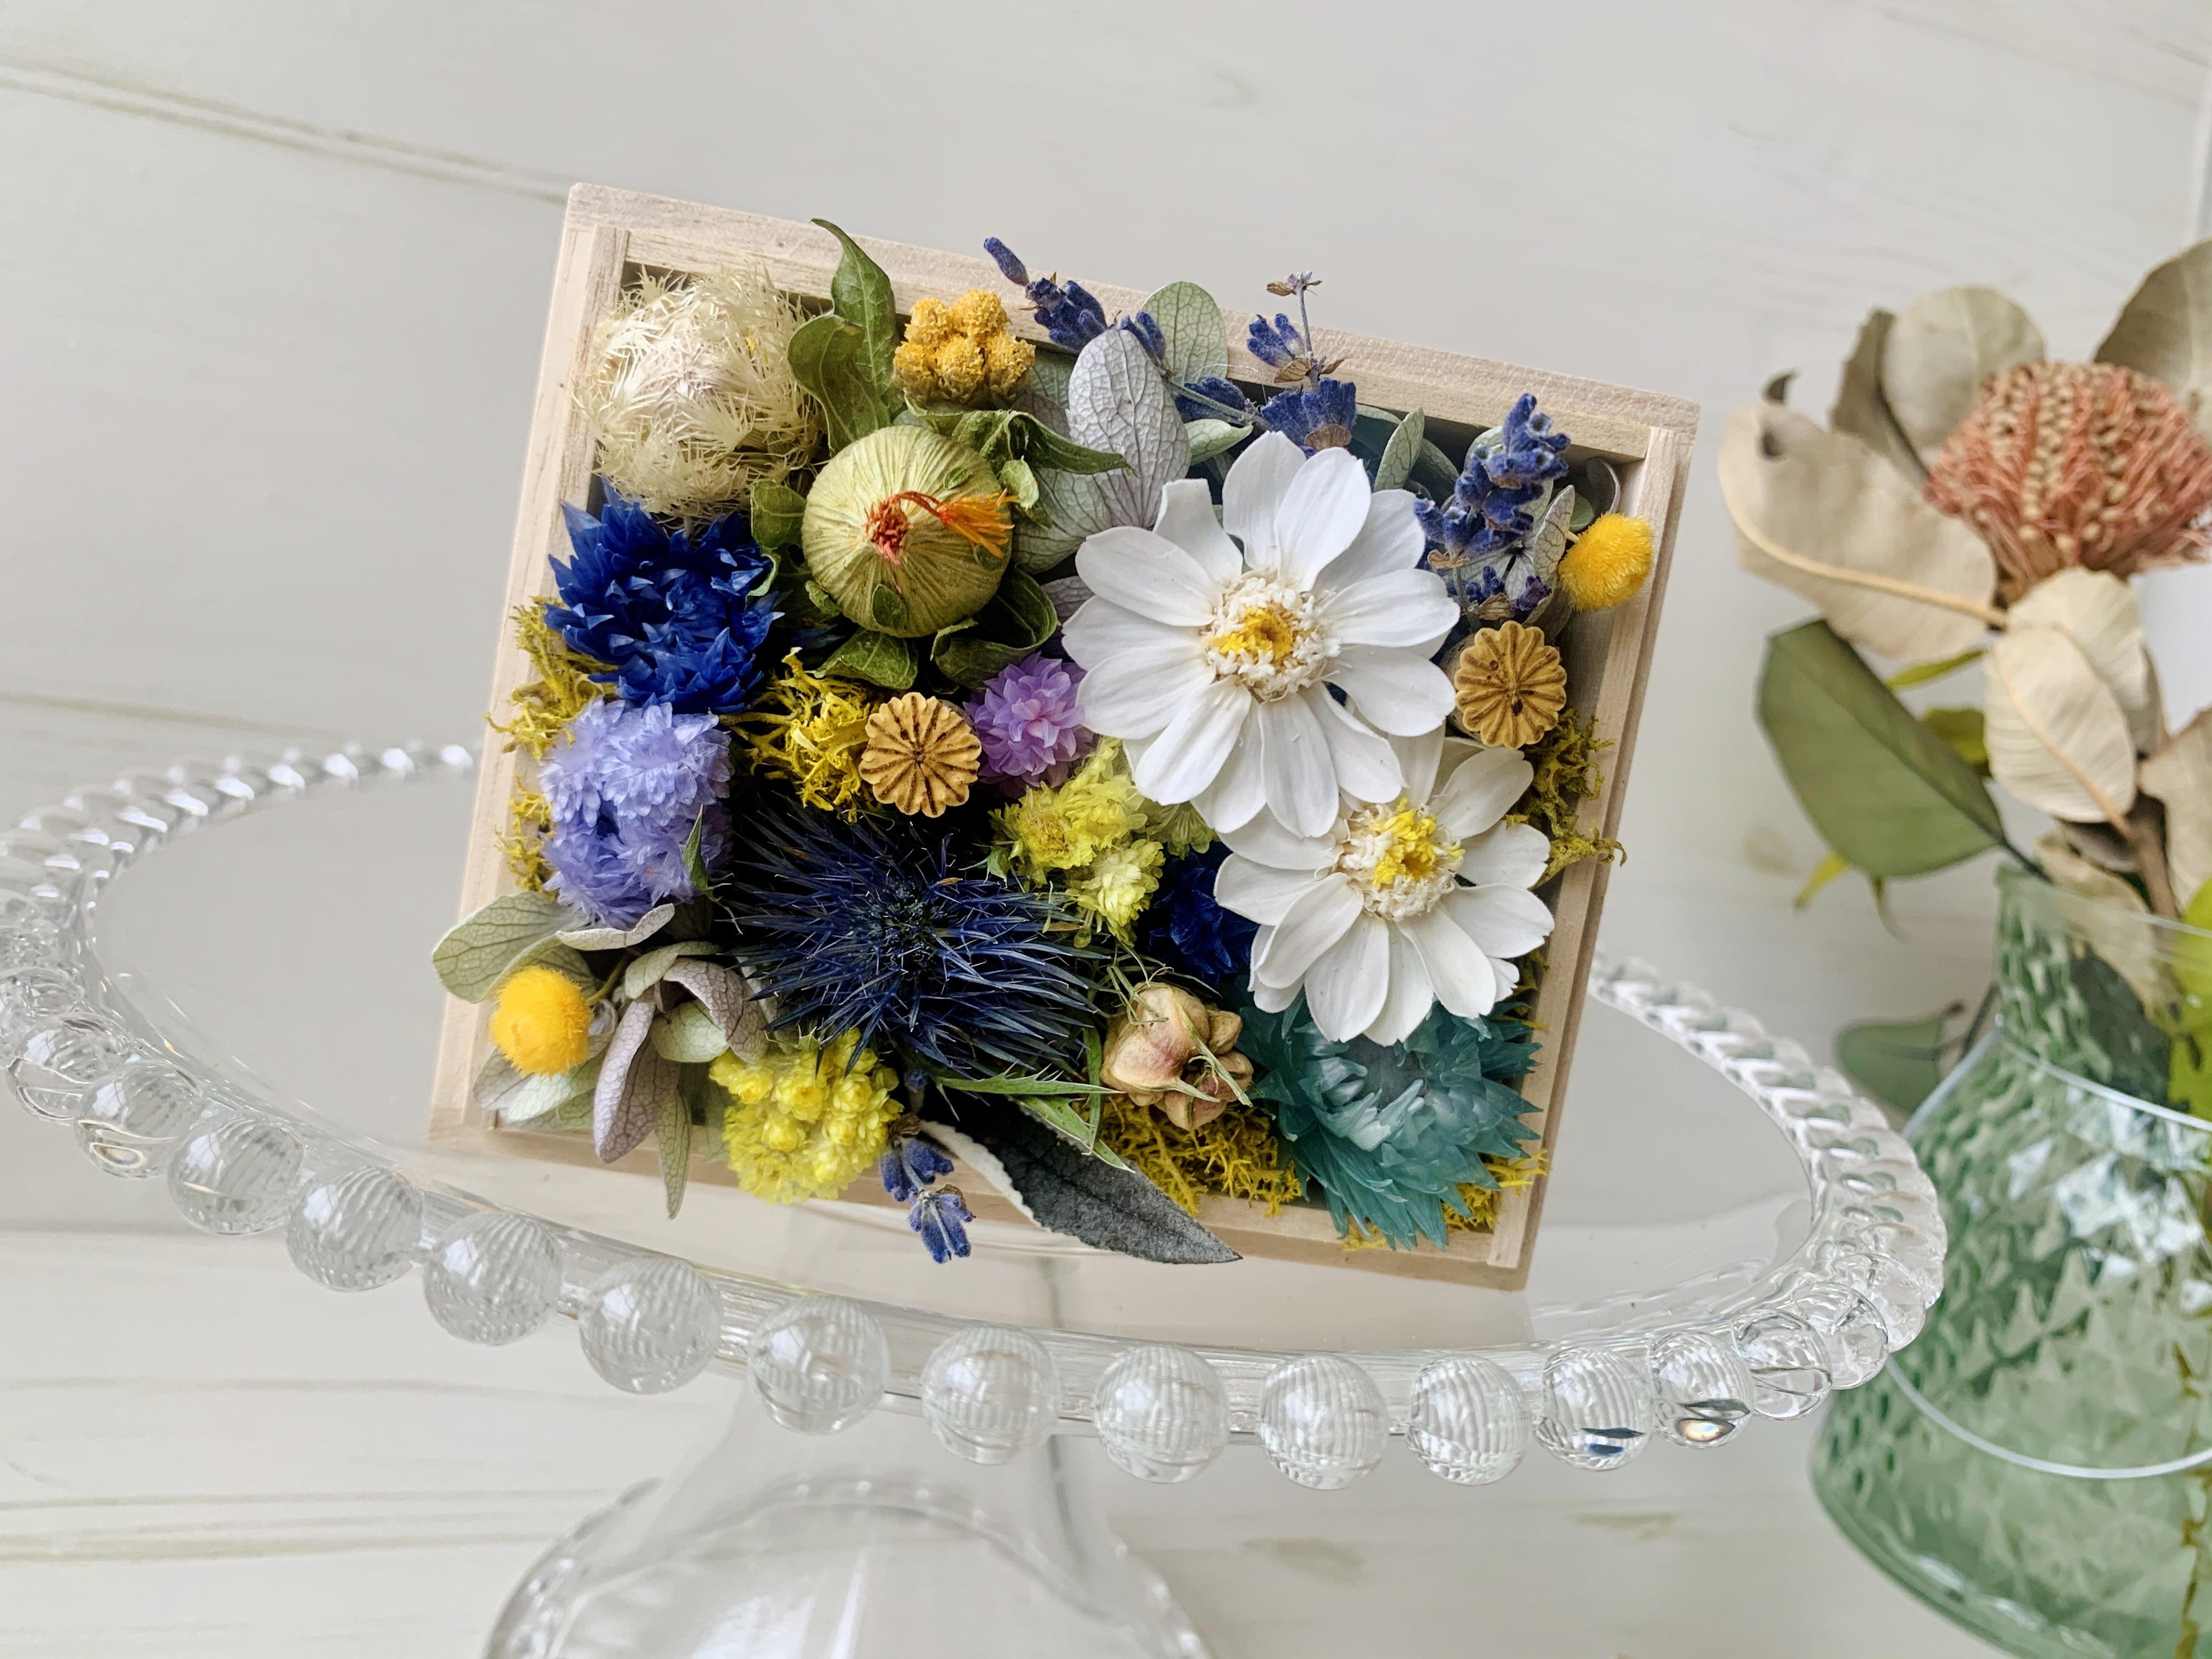 母の日・ギフト・ドライフラワー・桐箱花ナチュラル